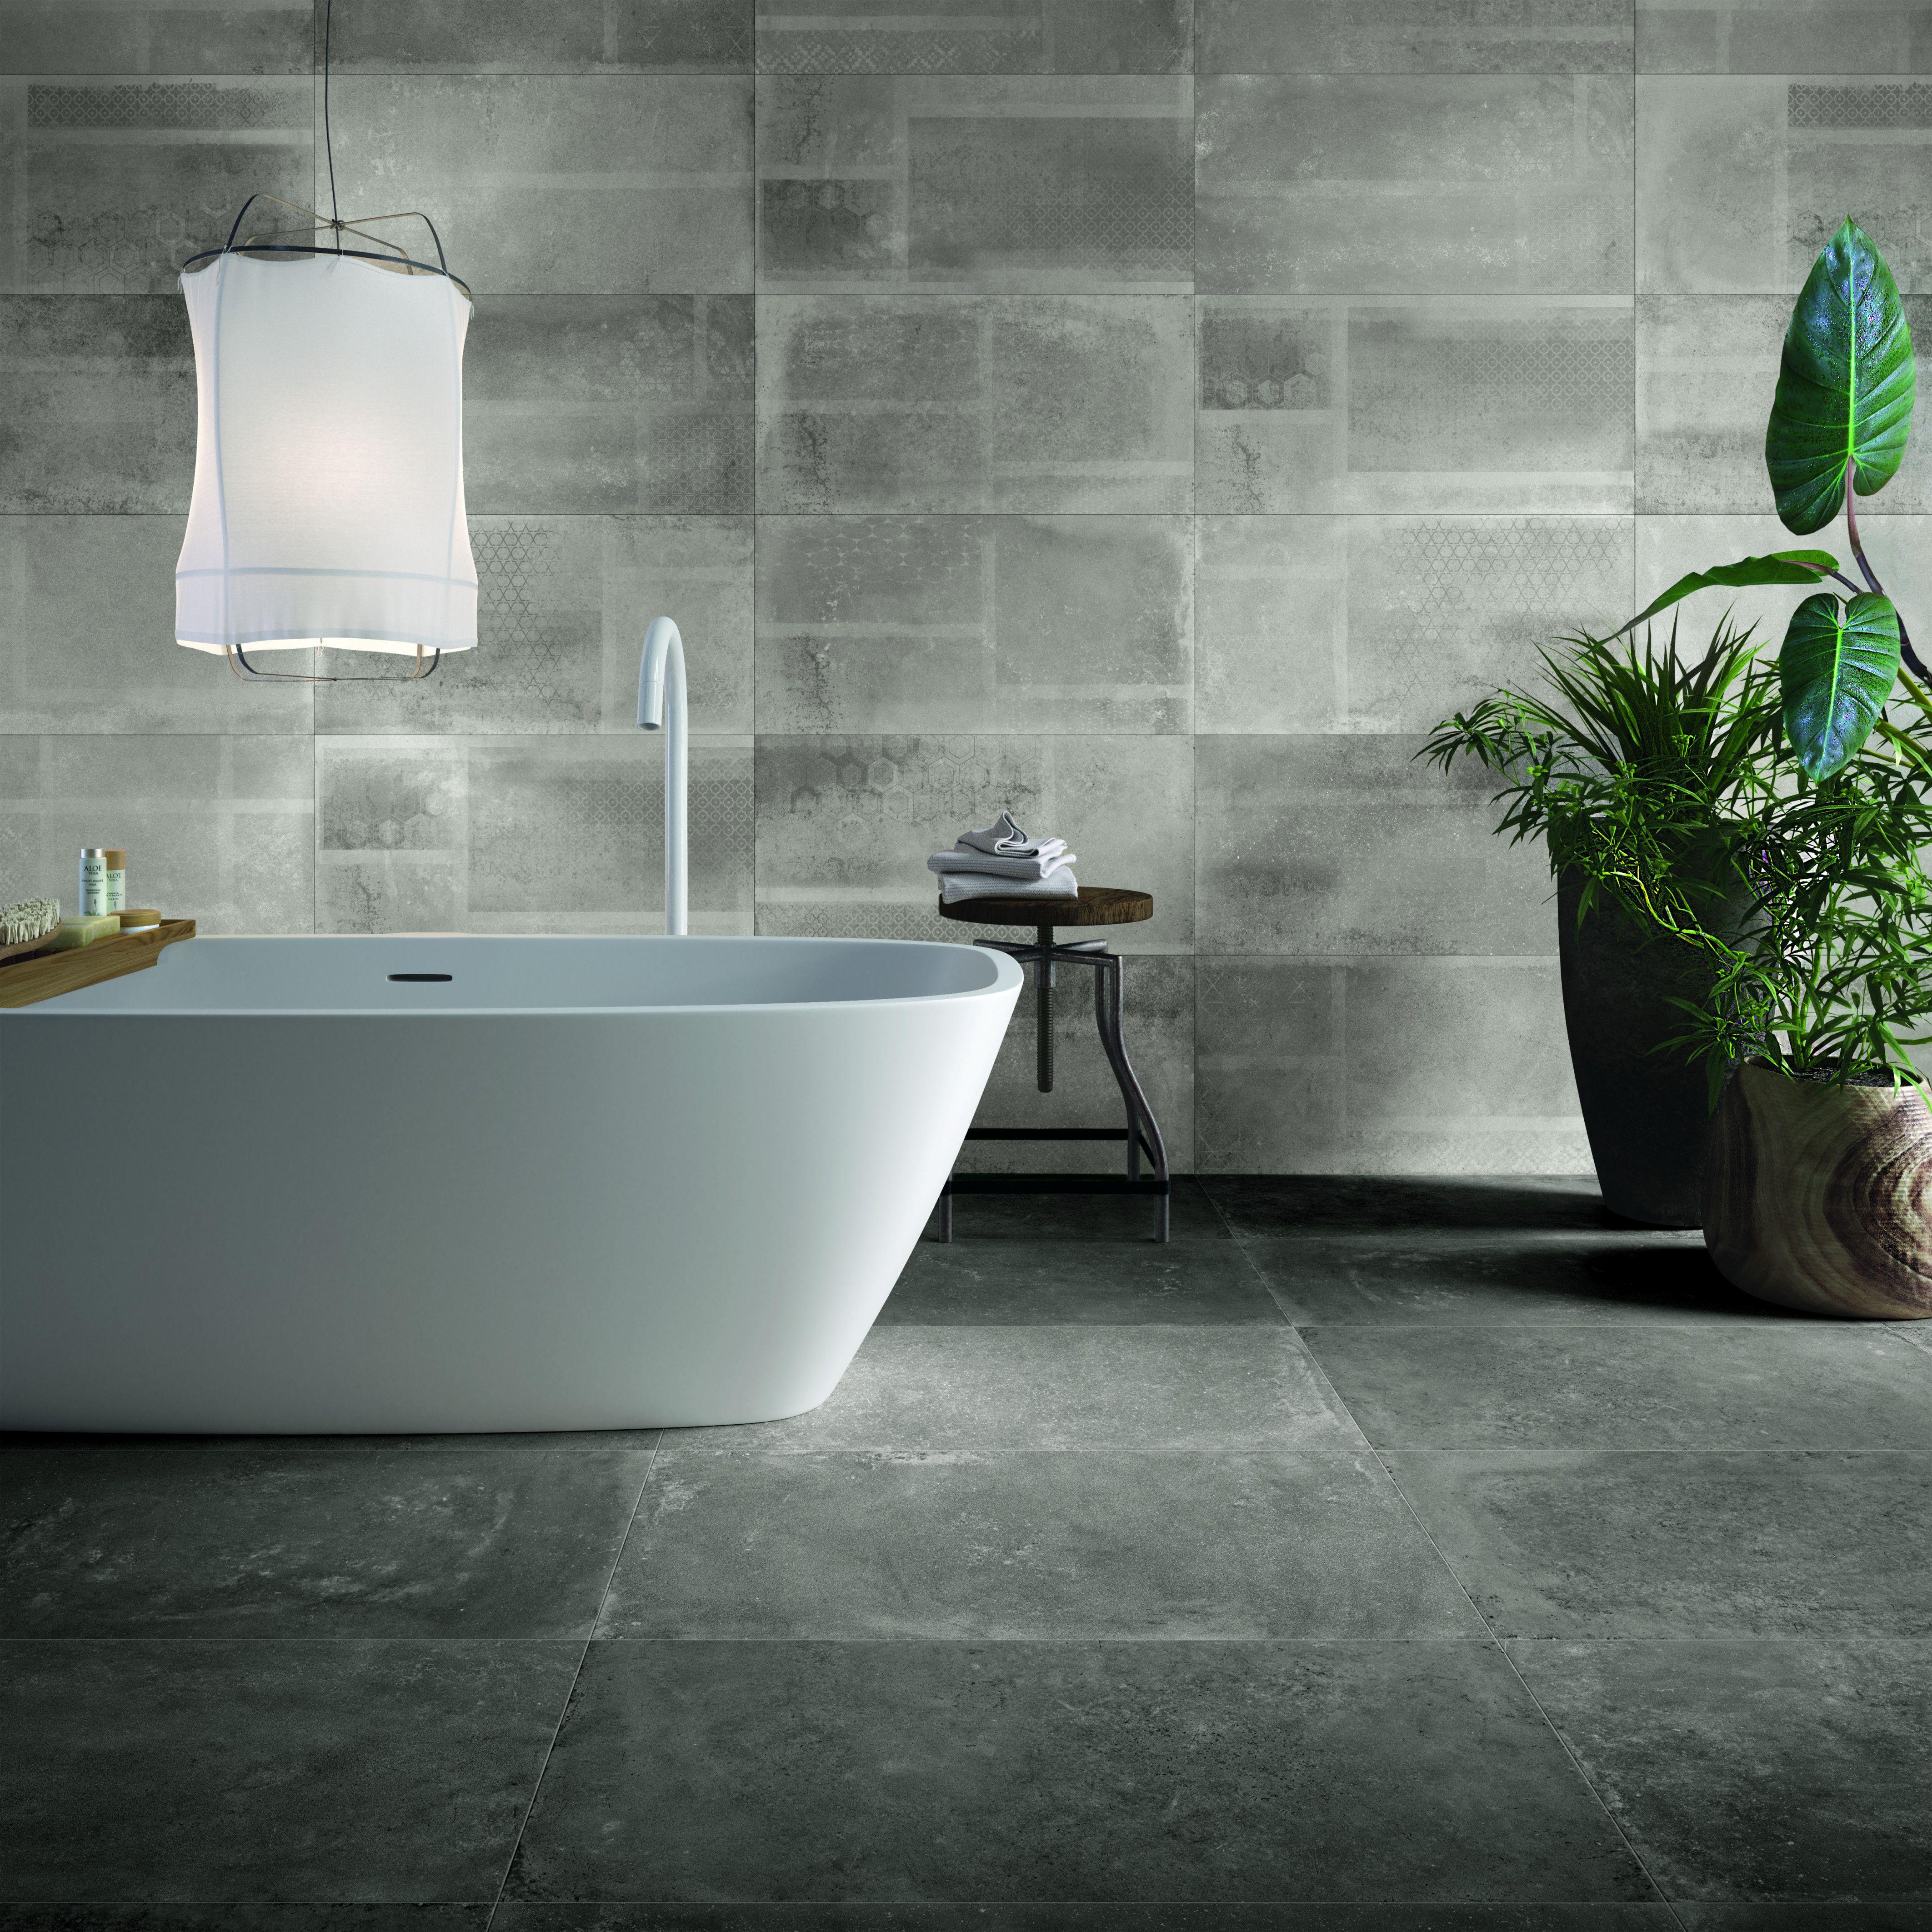 Badezimmertrends 2020 Badtrends Von Badezimmer Fliesen Modern Bild Badezimmer Fliesen Badezimmer Trends Badezimmer